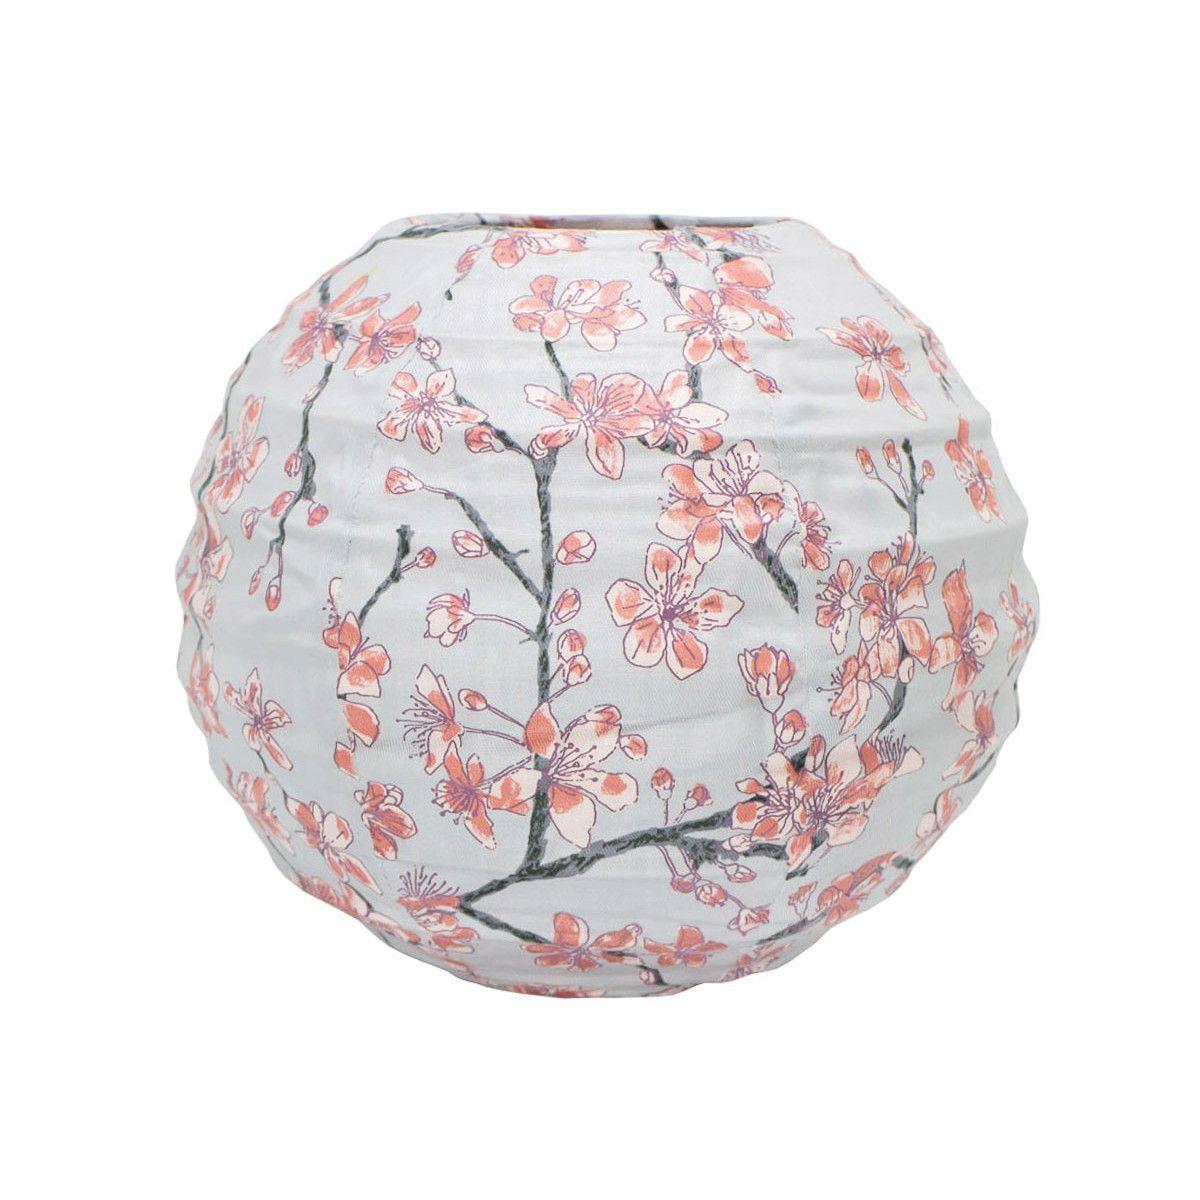 Lampion tissu boule japonaise mini rond gris perle et fleurs